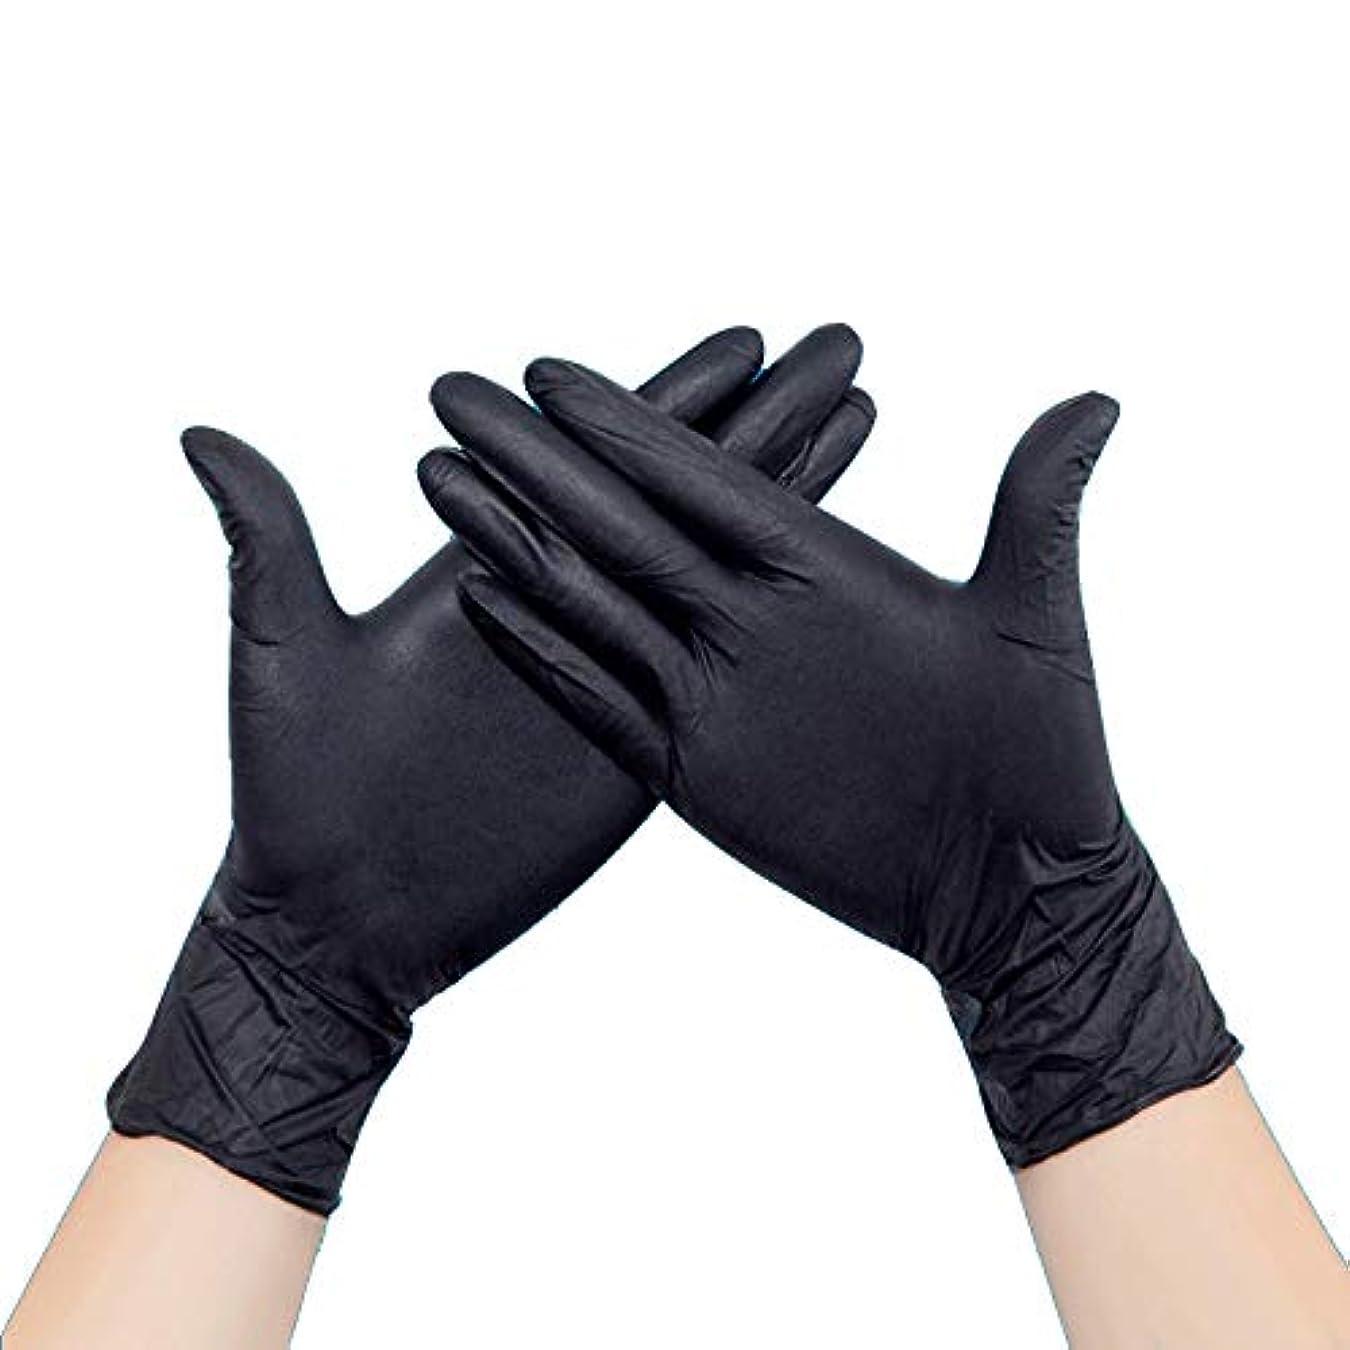 症状言い聞かせるゆるくニトリル手袋 使い捨て手袋 メカニックグローブ 50枚入 家庭、クリーニング、実験室、ネイルアート ブラック 帯電防止手袋 左右兼用